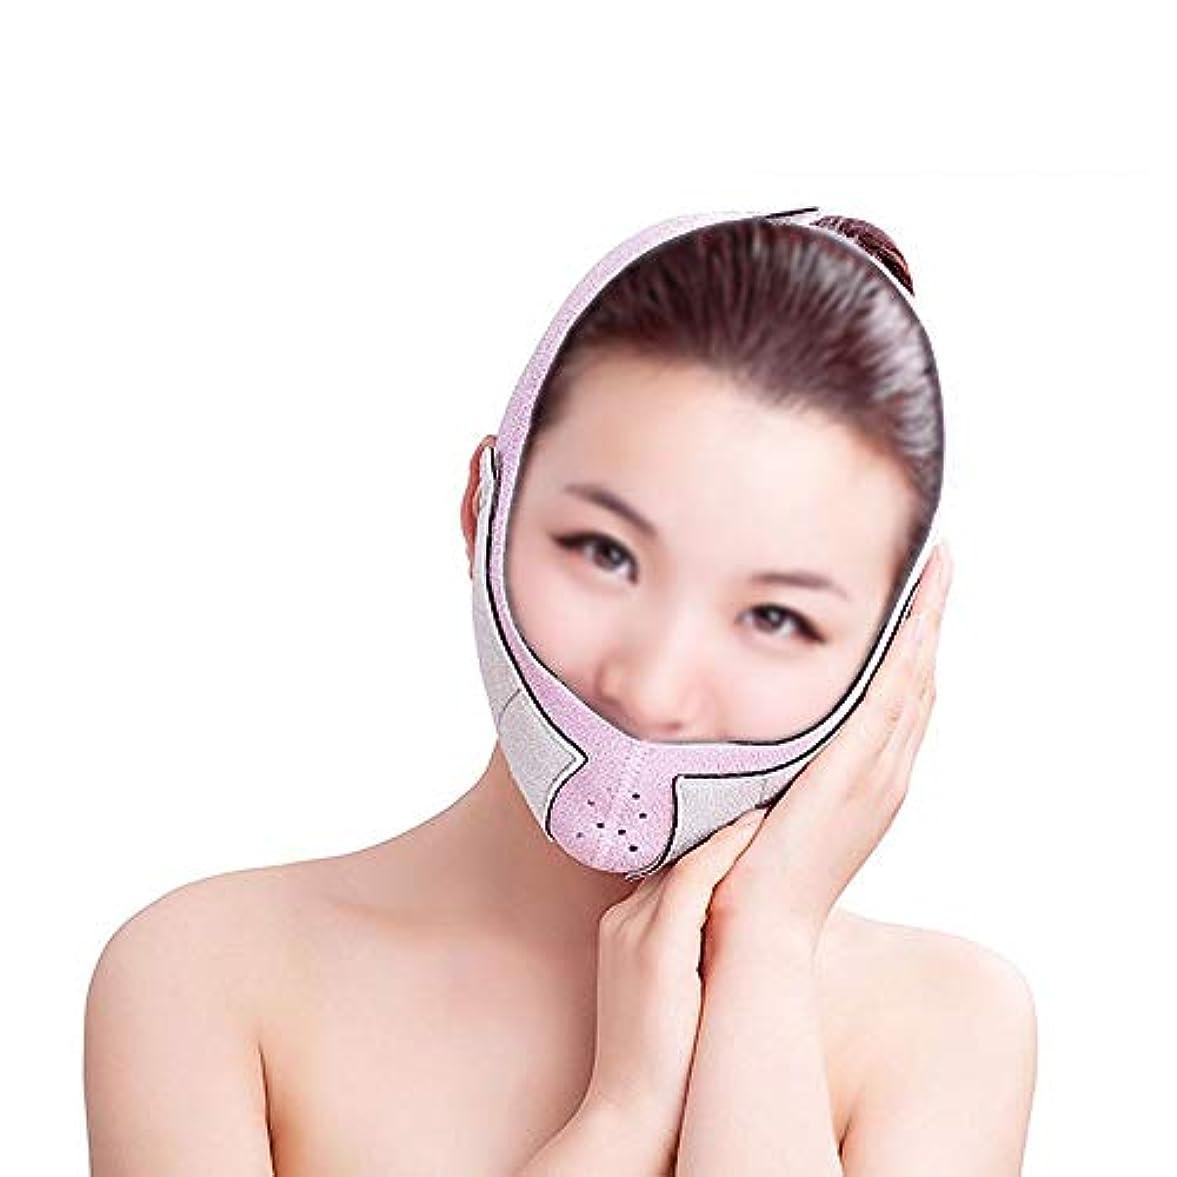 私たちマルクス主義モートTLMY 薄い顔マスク痩身ベルト薄い顔マスク強力なアップグレード小さいV顔薄い顔包帯美容顔デバイス 顔用整形マスク